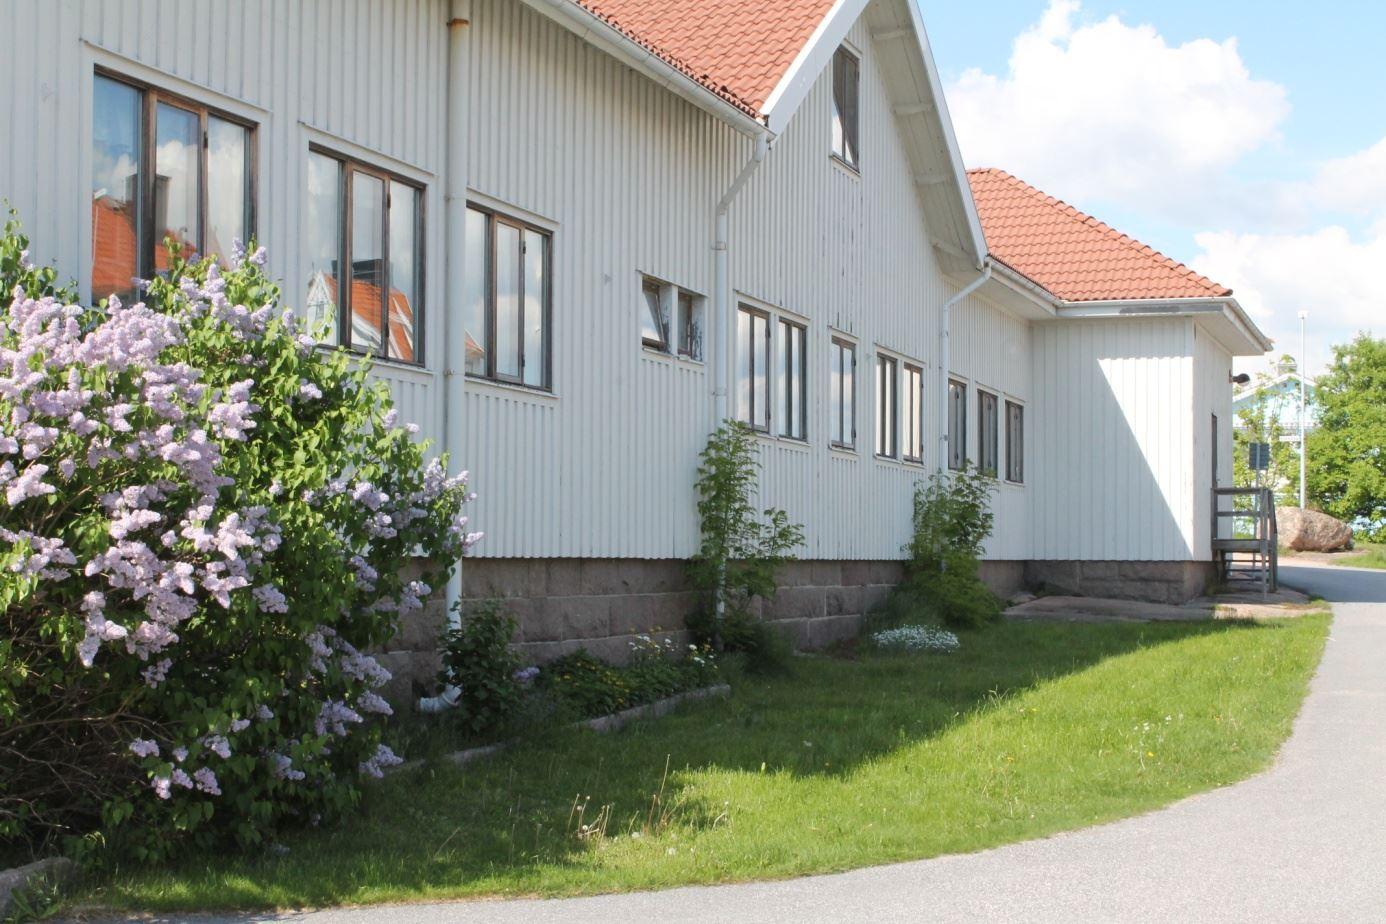 Hovenäset SVIF Hostel, Kungshamn